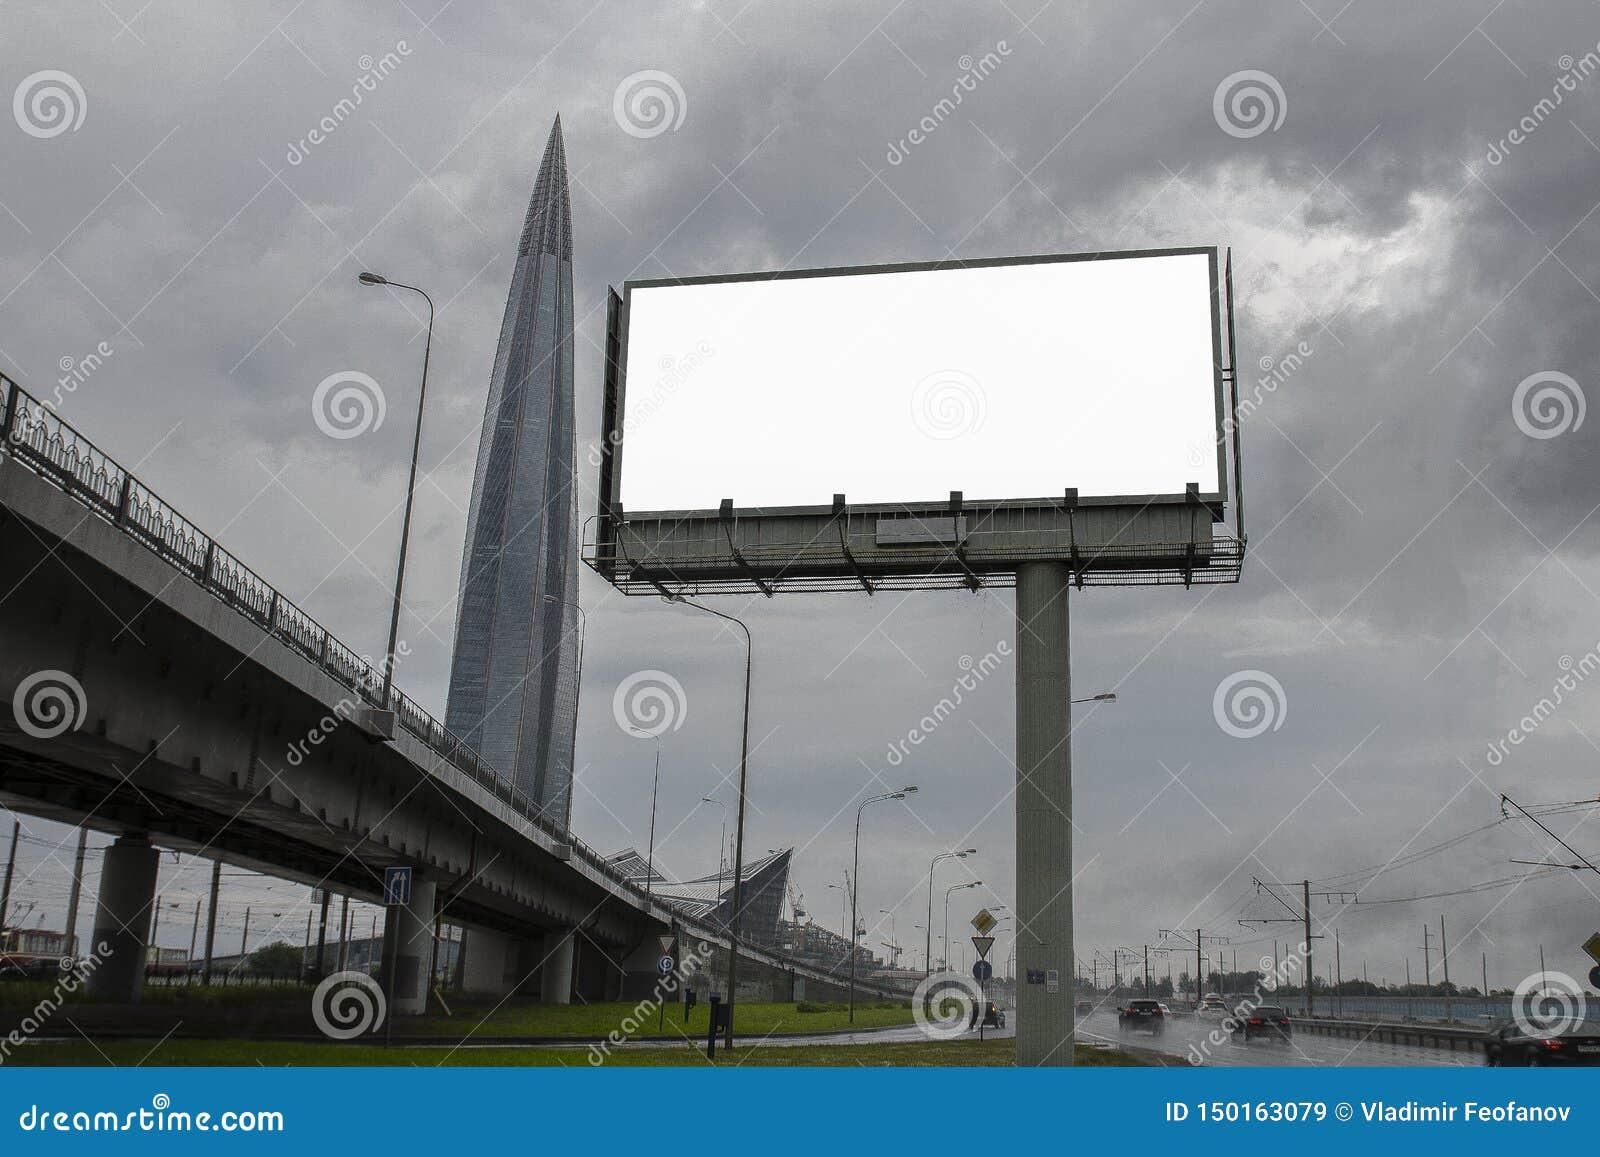 Κενός πίνακας διαφημίσεων στο υπόβαθρο ενός μεγάλου σύγχρονου κτιρίου γραφείων, συνηθισμένοι επιχειρησιακοί ουρανοξύστες, πολυκατ